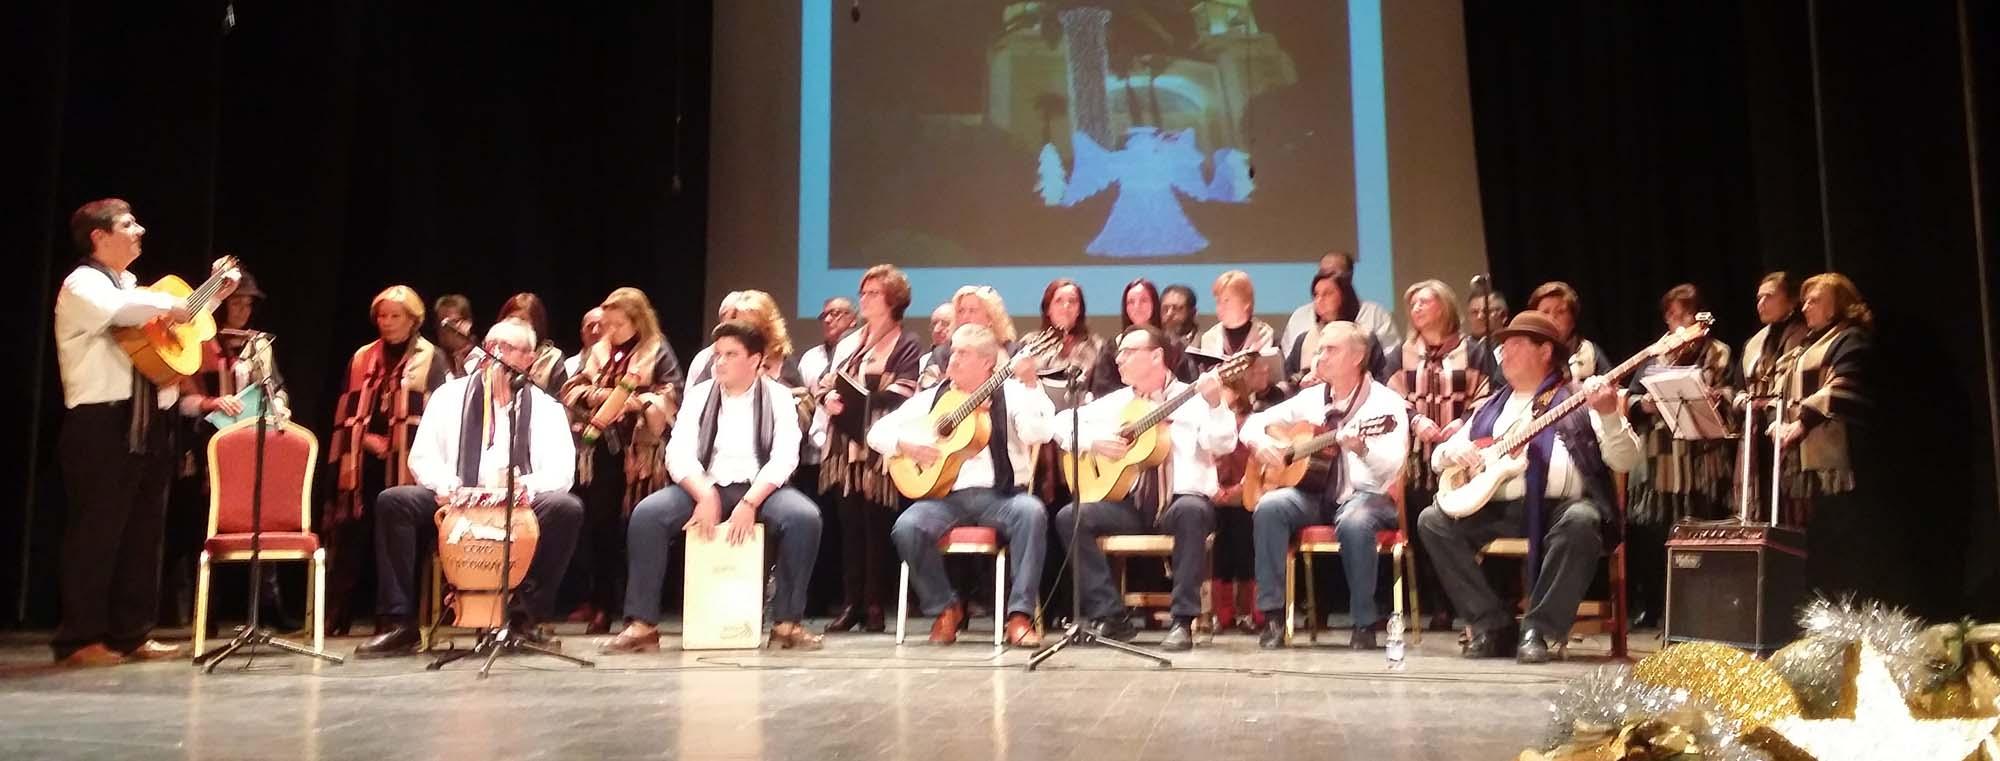 Coro de La Corraleta